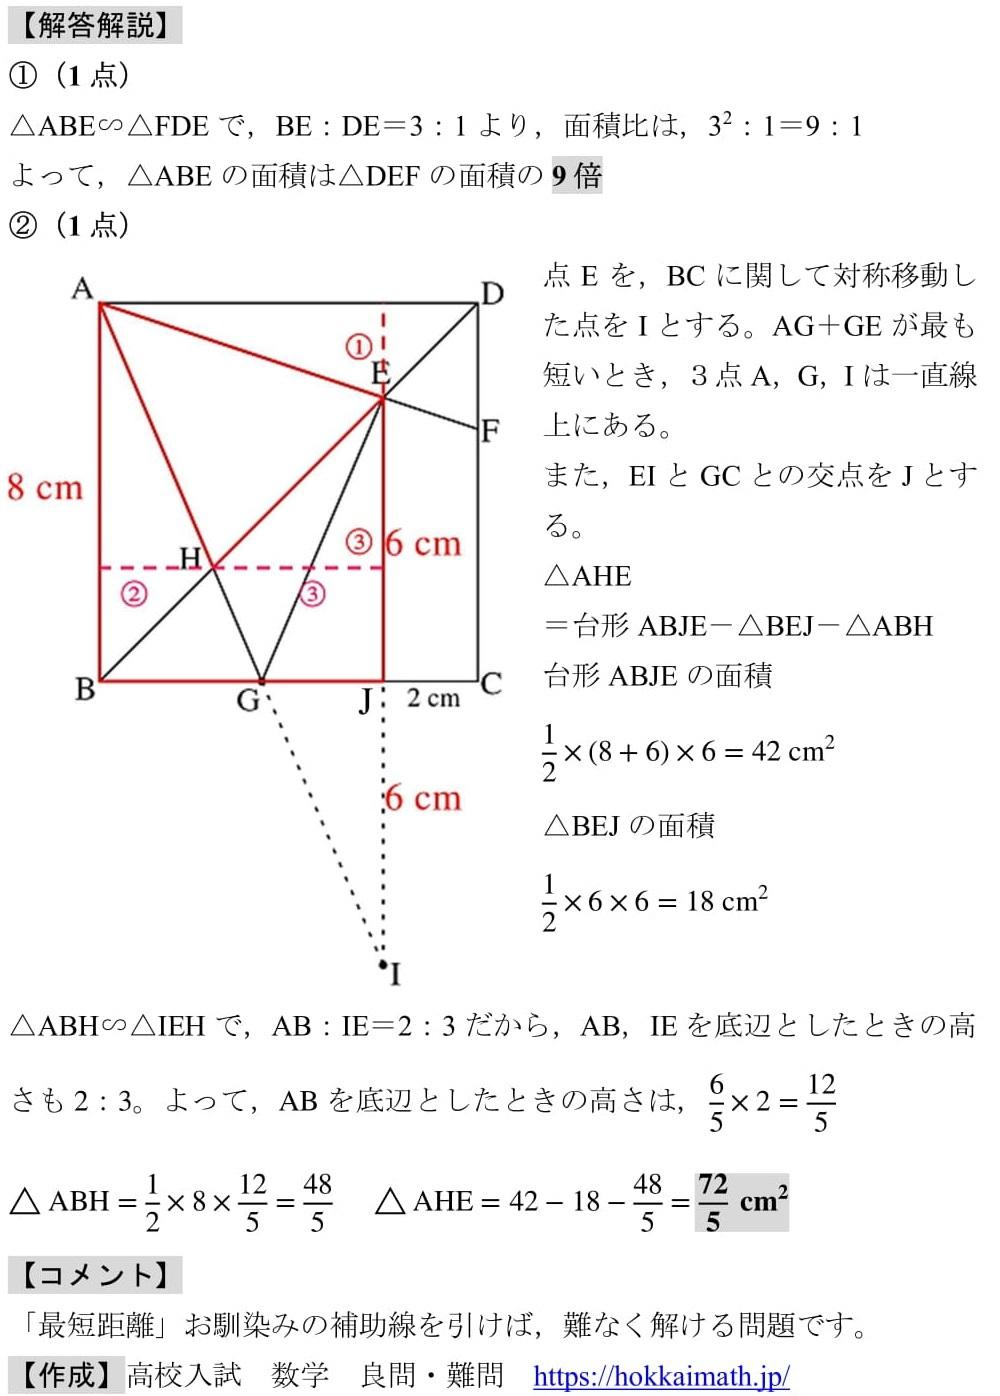 2017 愛知県 高校入試 過去問 数学 平面図形 解答 解説